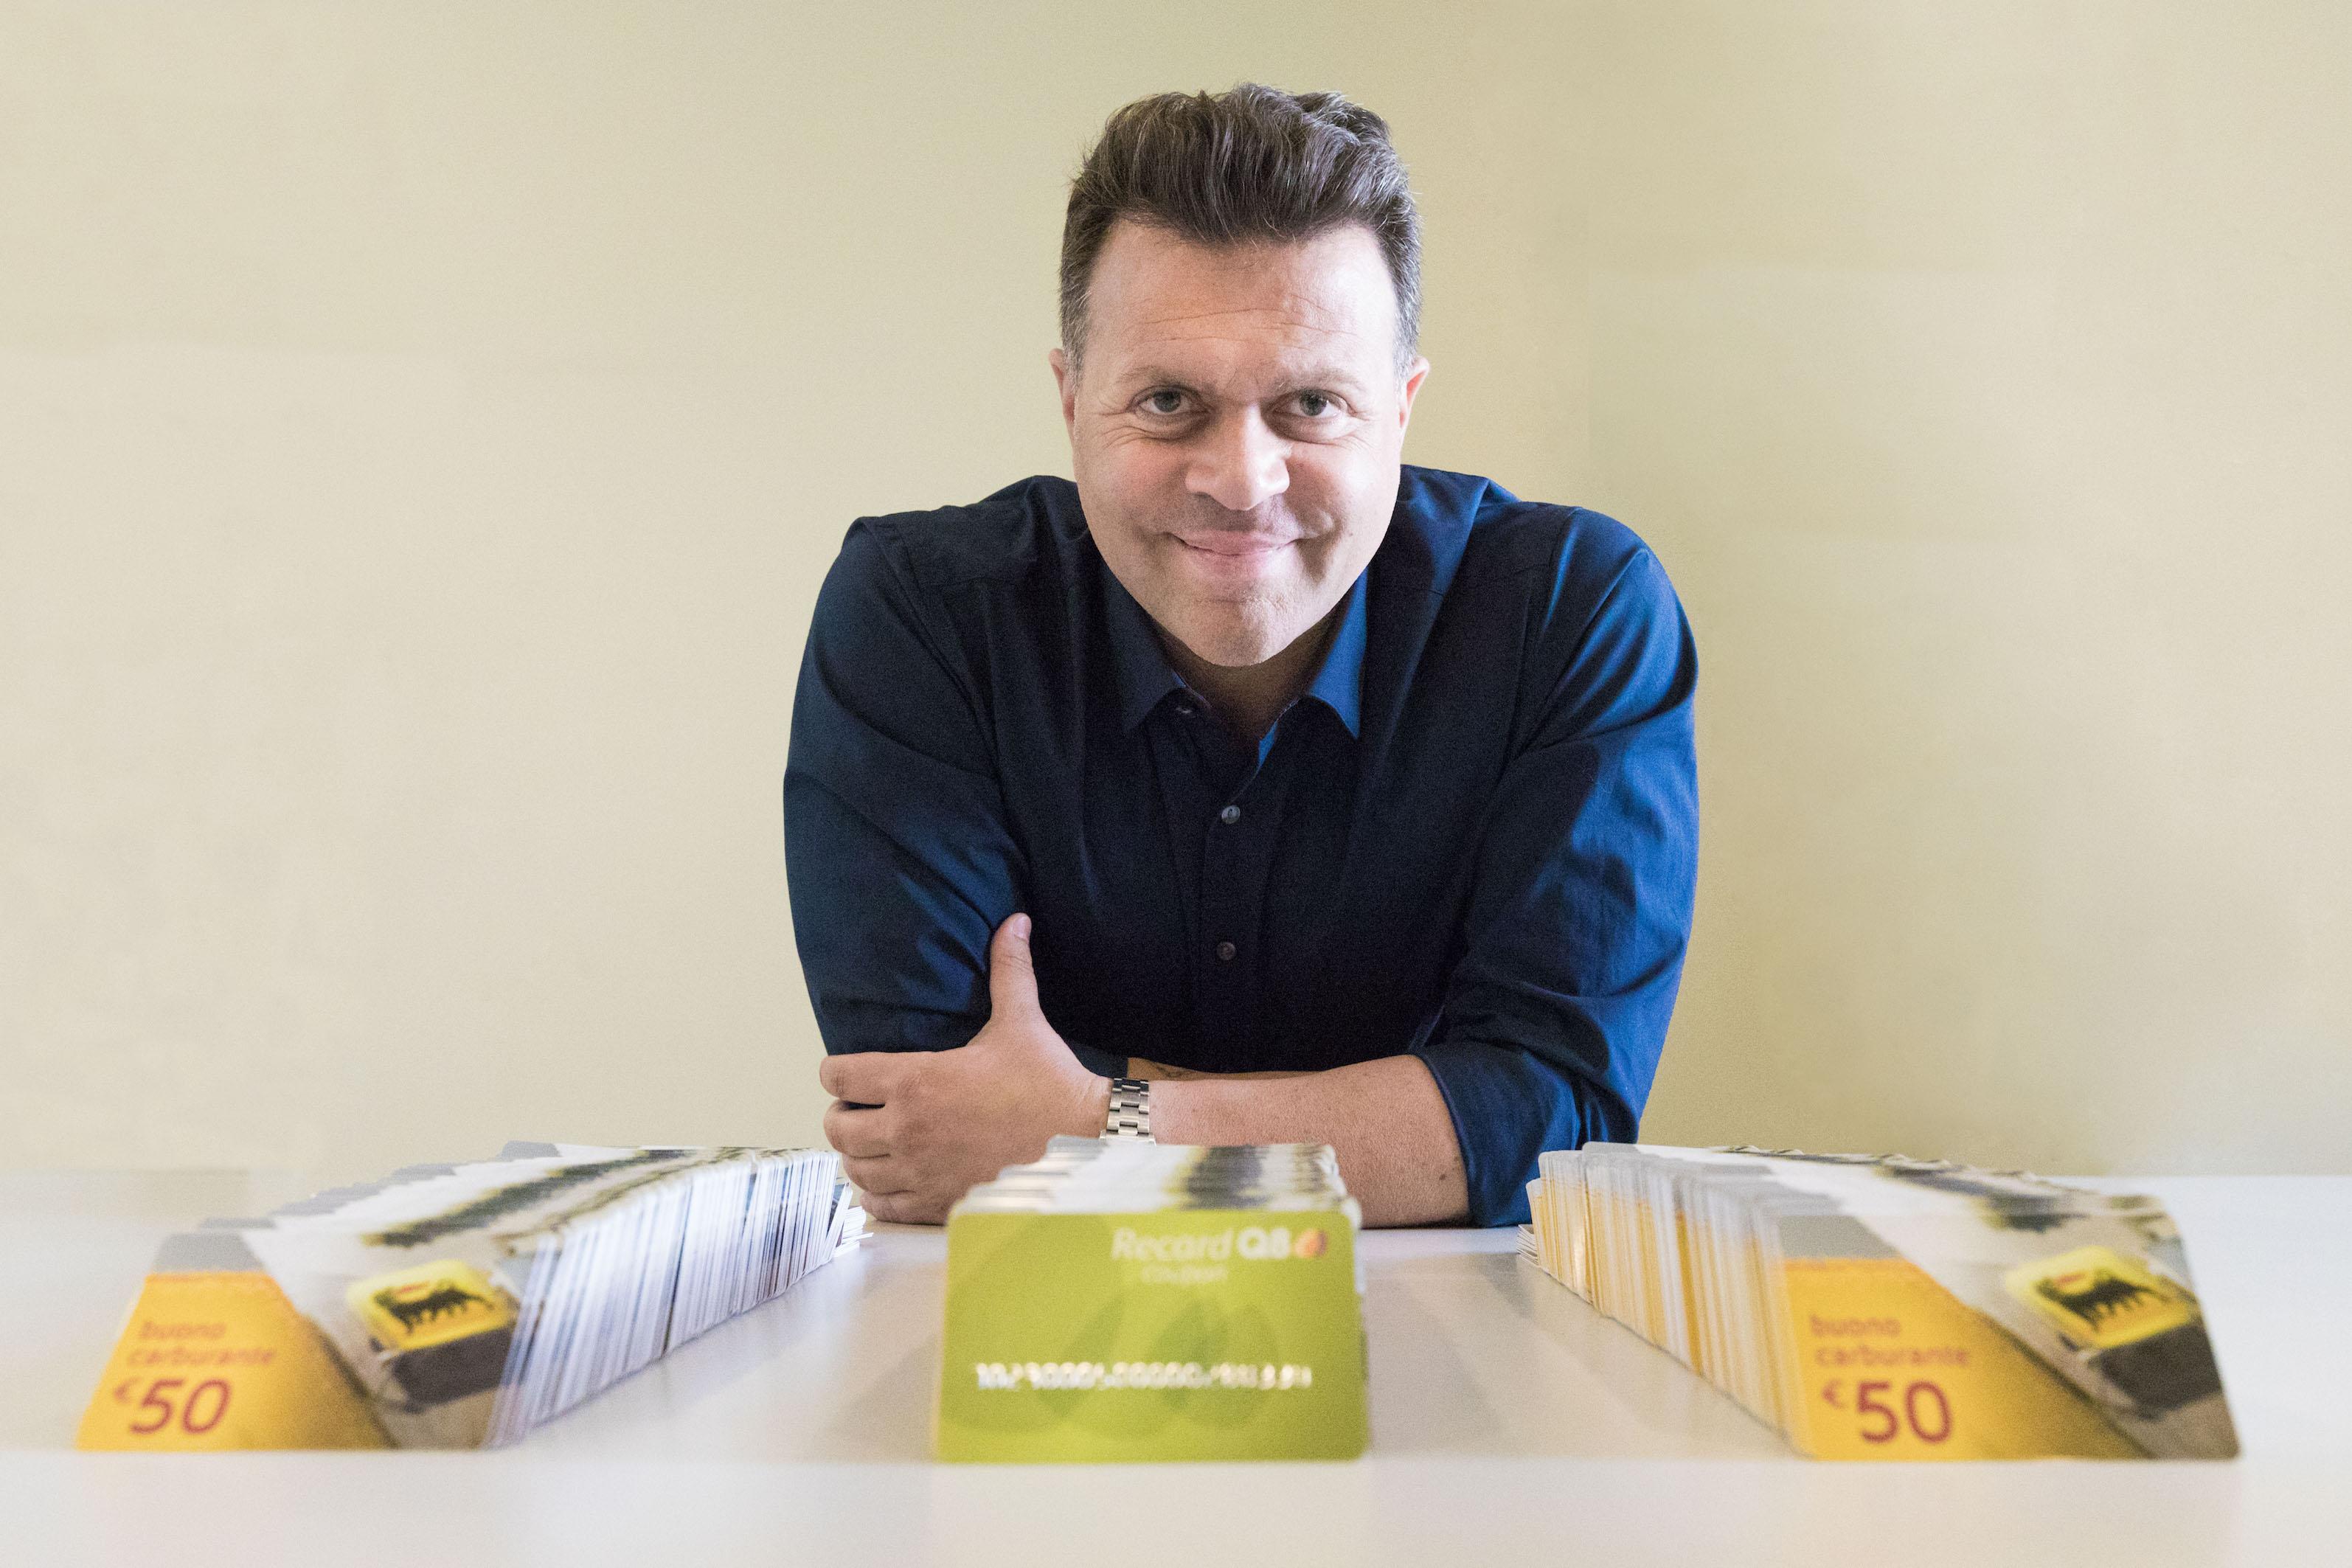 Ikea Ufficio Stampa : Arriva in italia sixth continent piattaforma e commerce di shopping